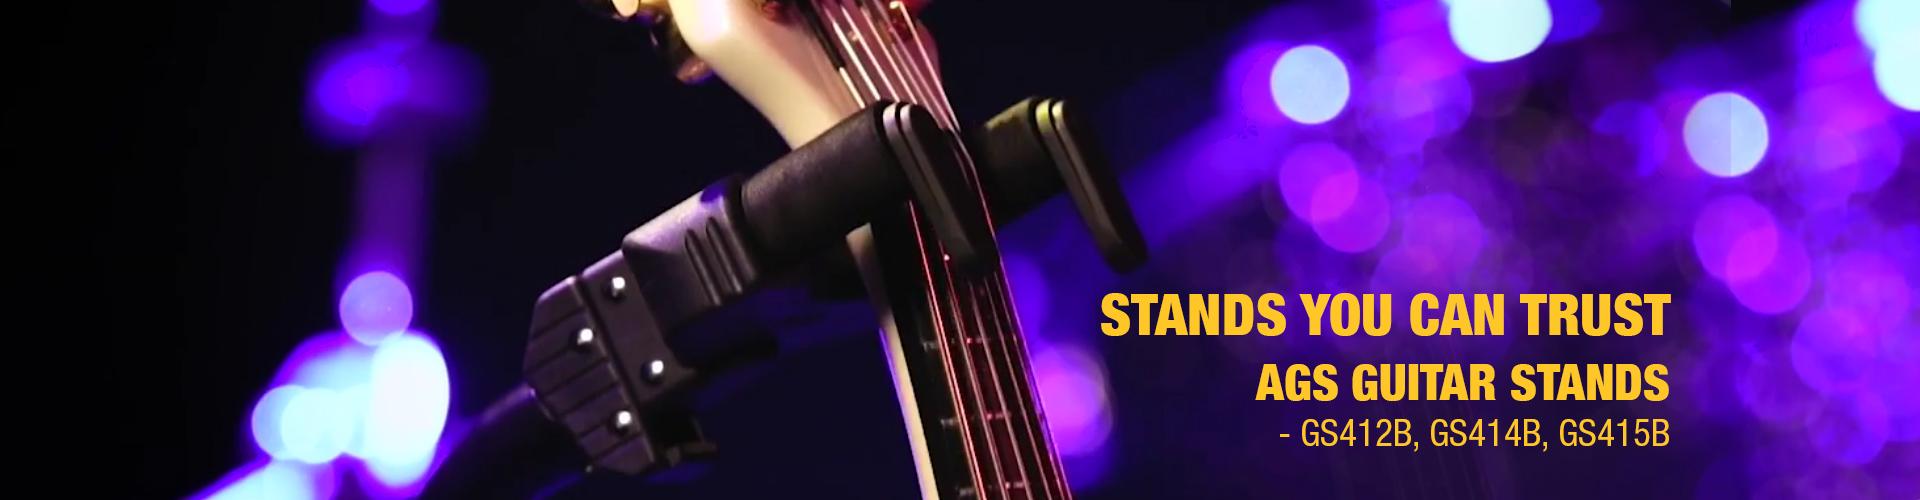 hercules_hero_slide_ags-guitar-stands